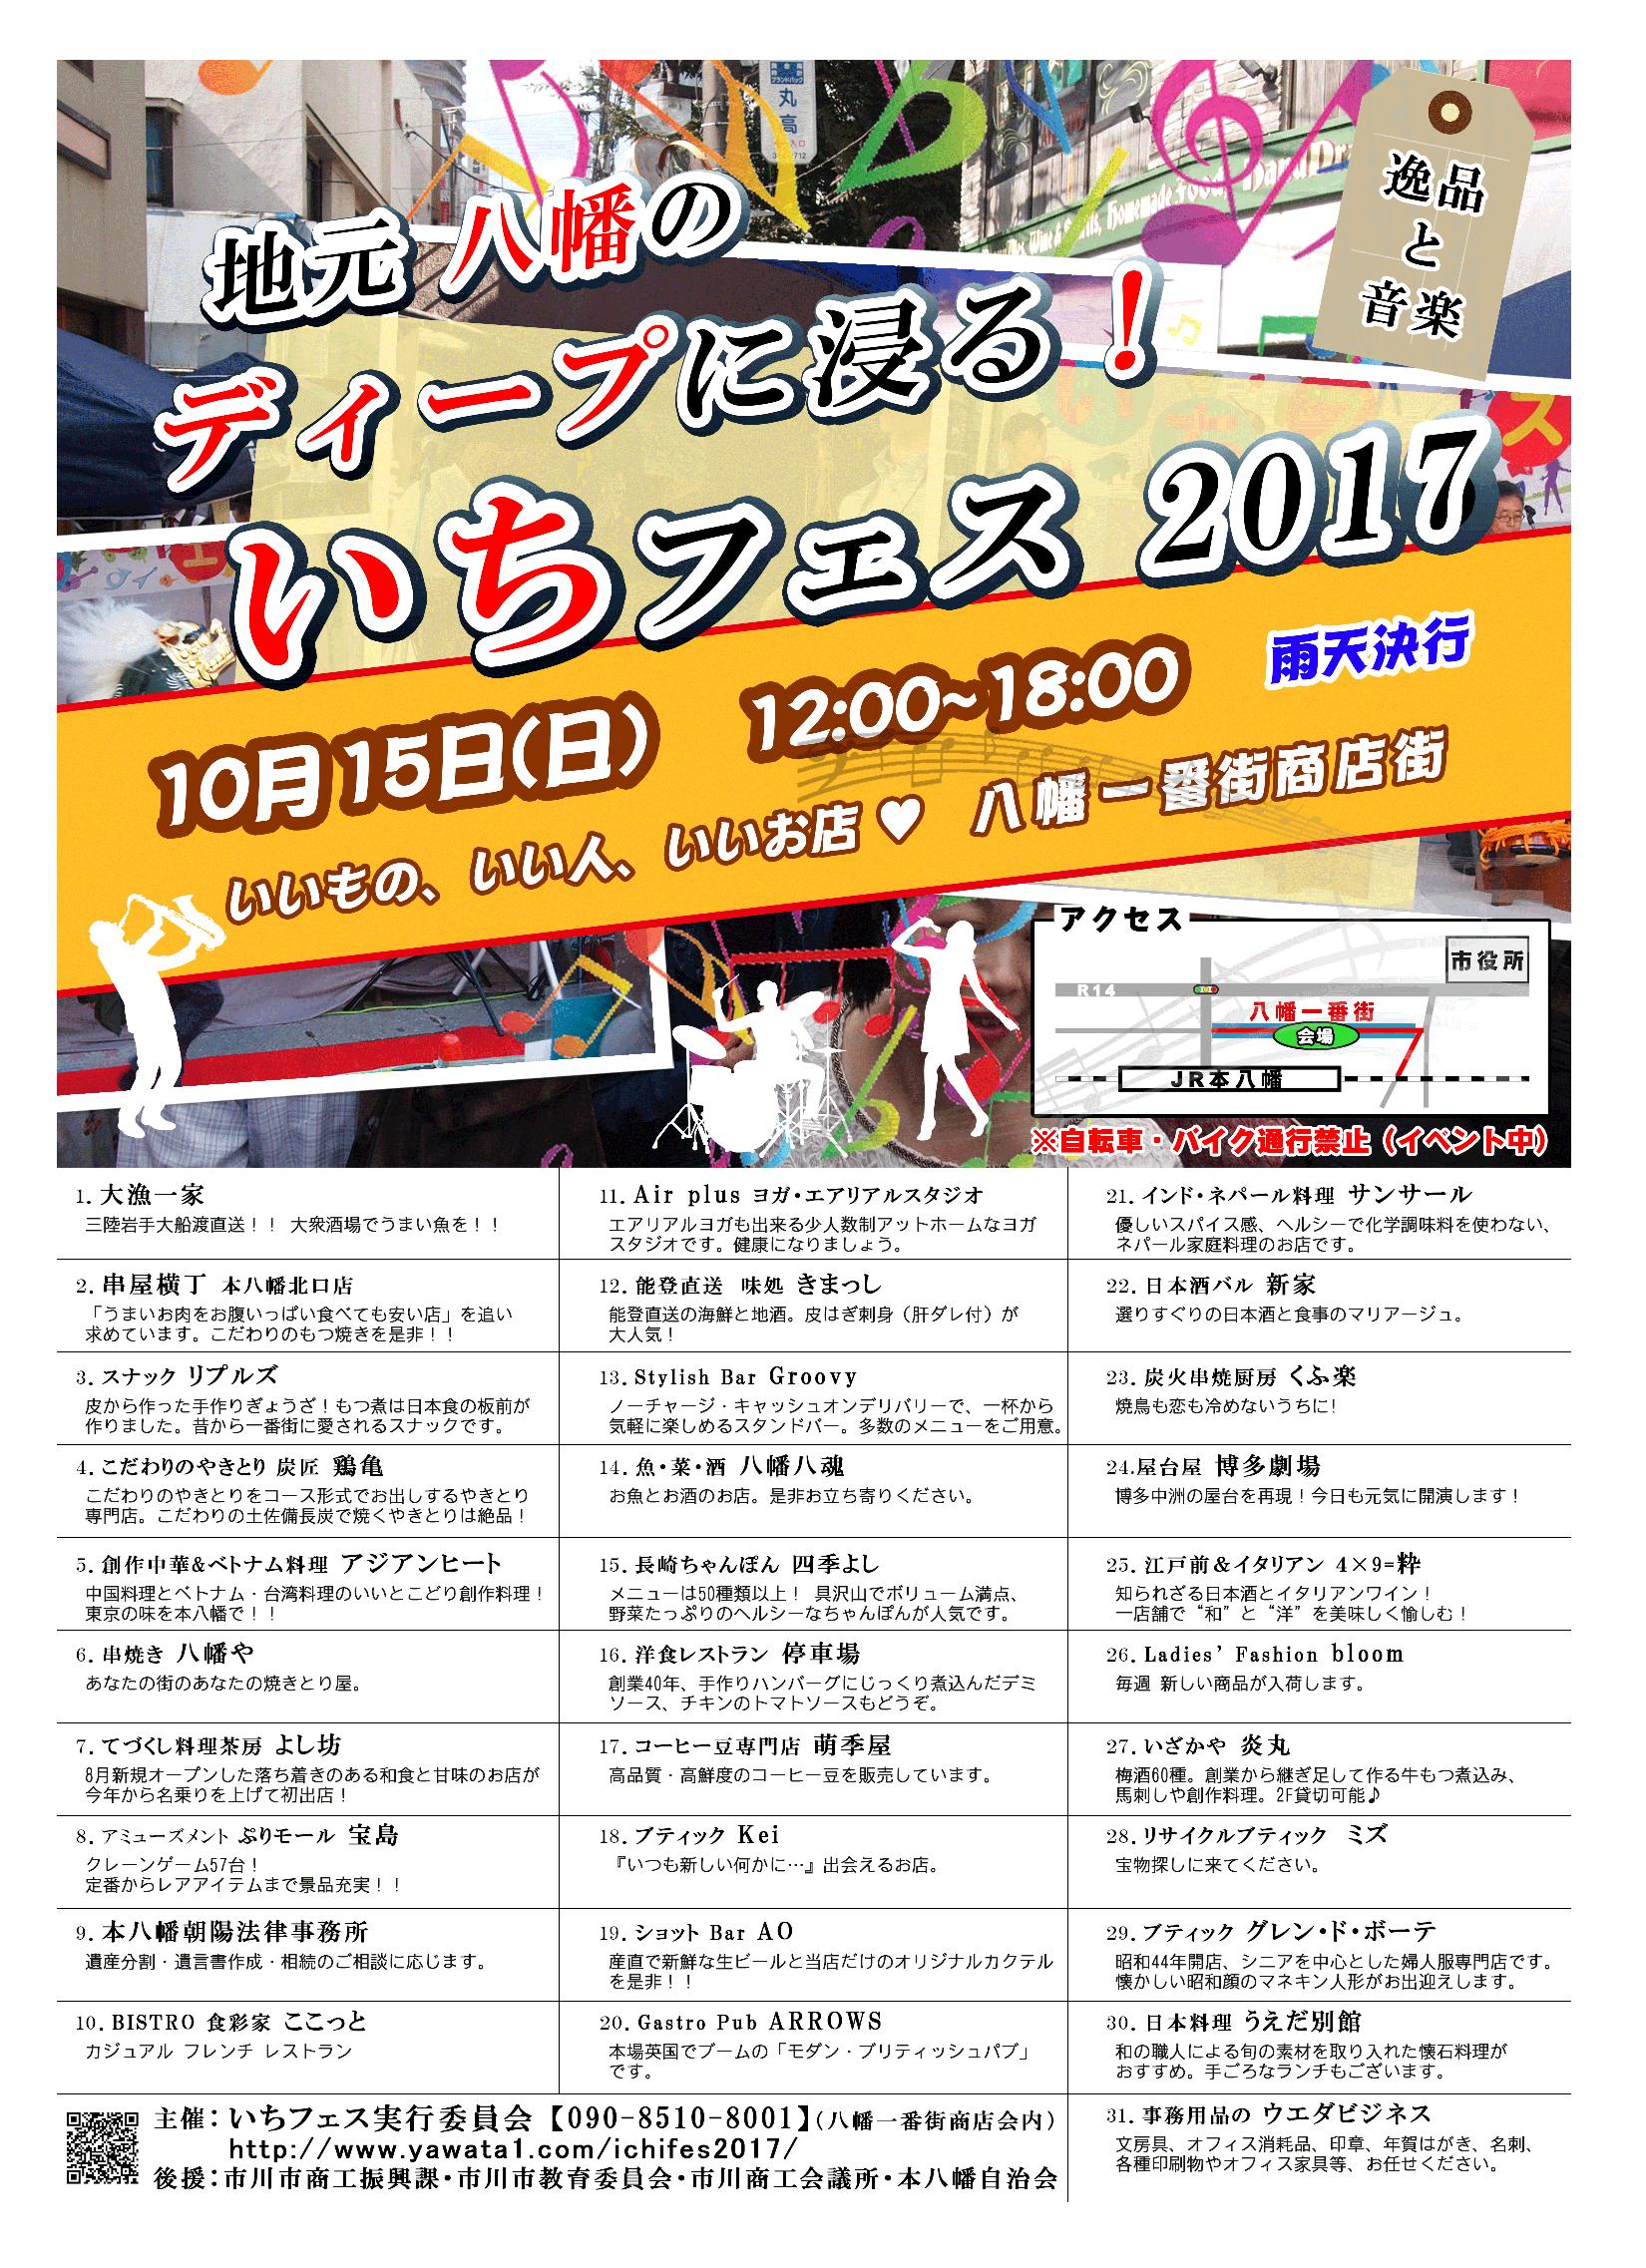 いちフェスマップ表